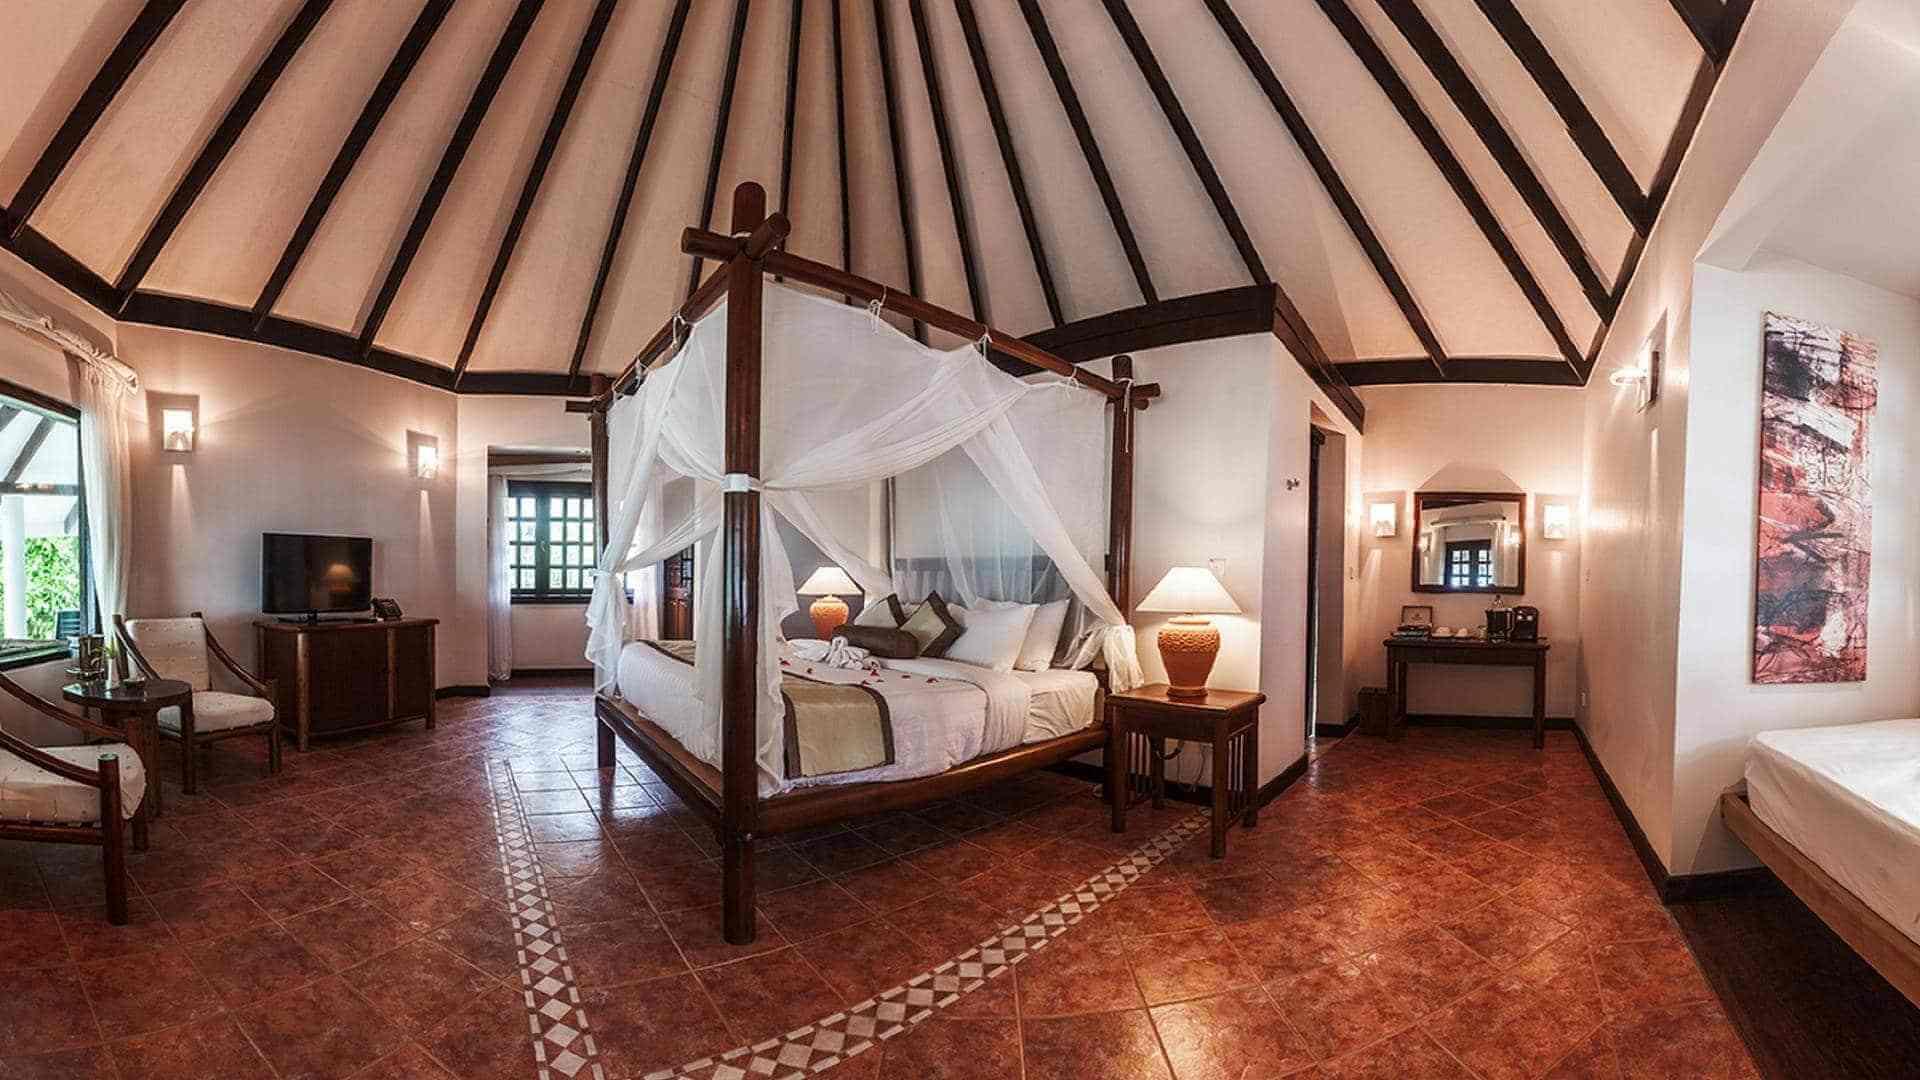 Kihaa Maldives 4* - Foto degli interni di una camera matrimoniale